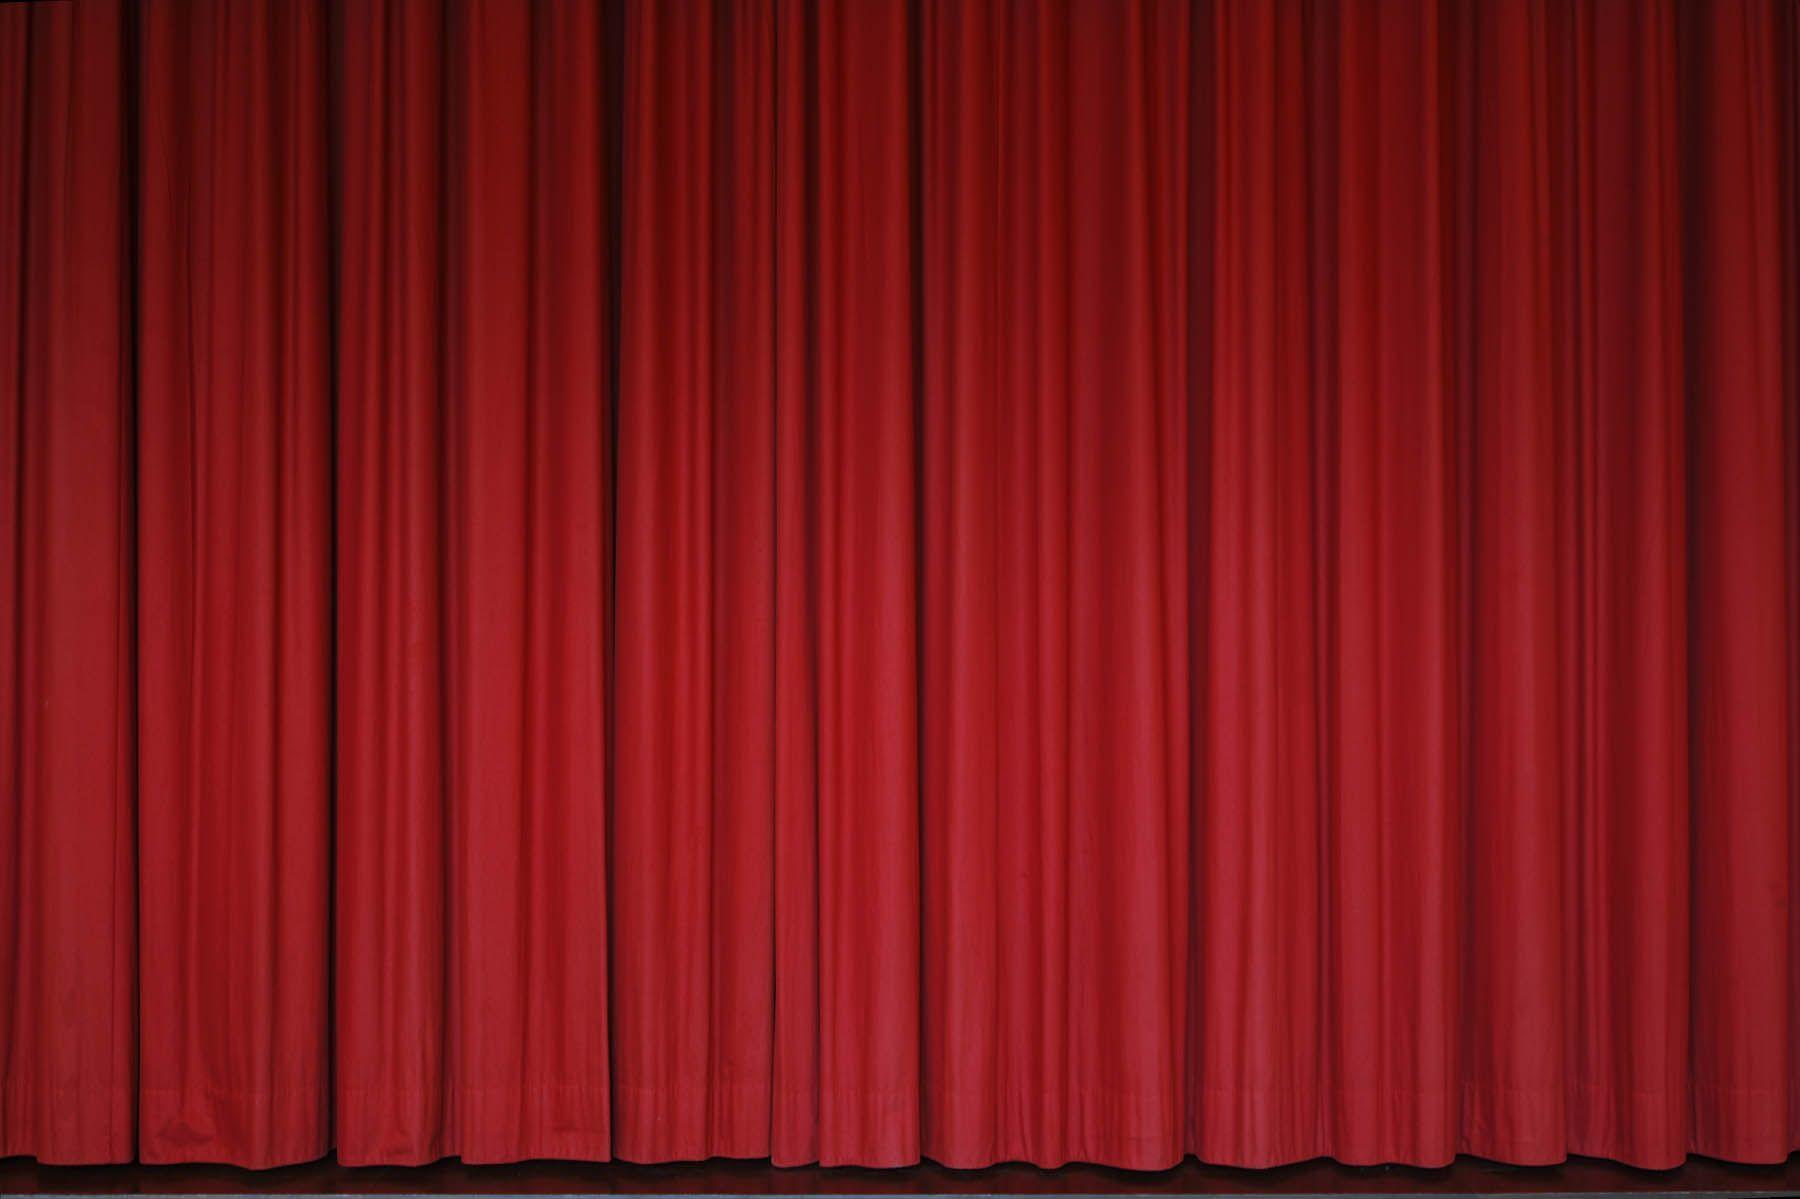 Resultado De Imagem Para Cortinas De Teatro Preta | Cortina | Pinterest |  Teatro And Search